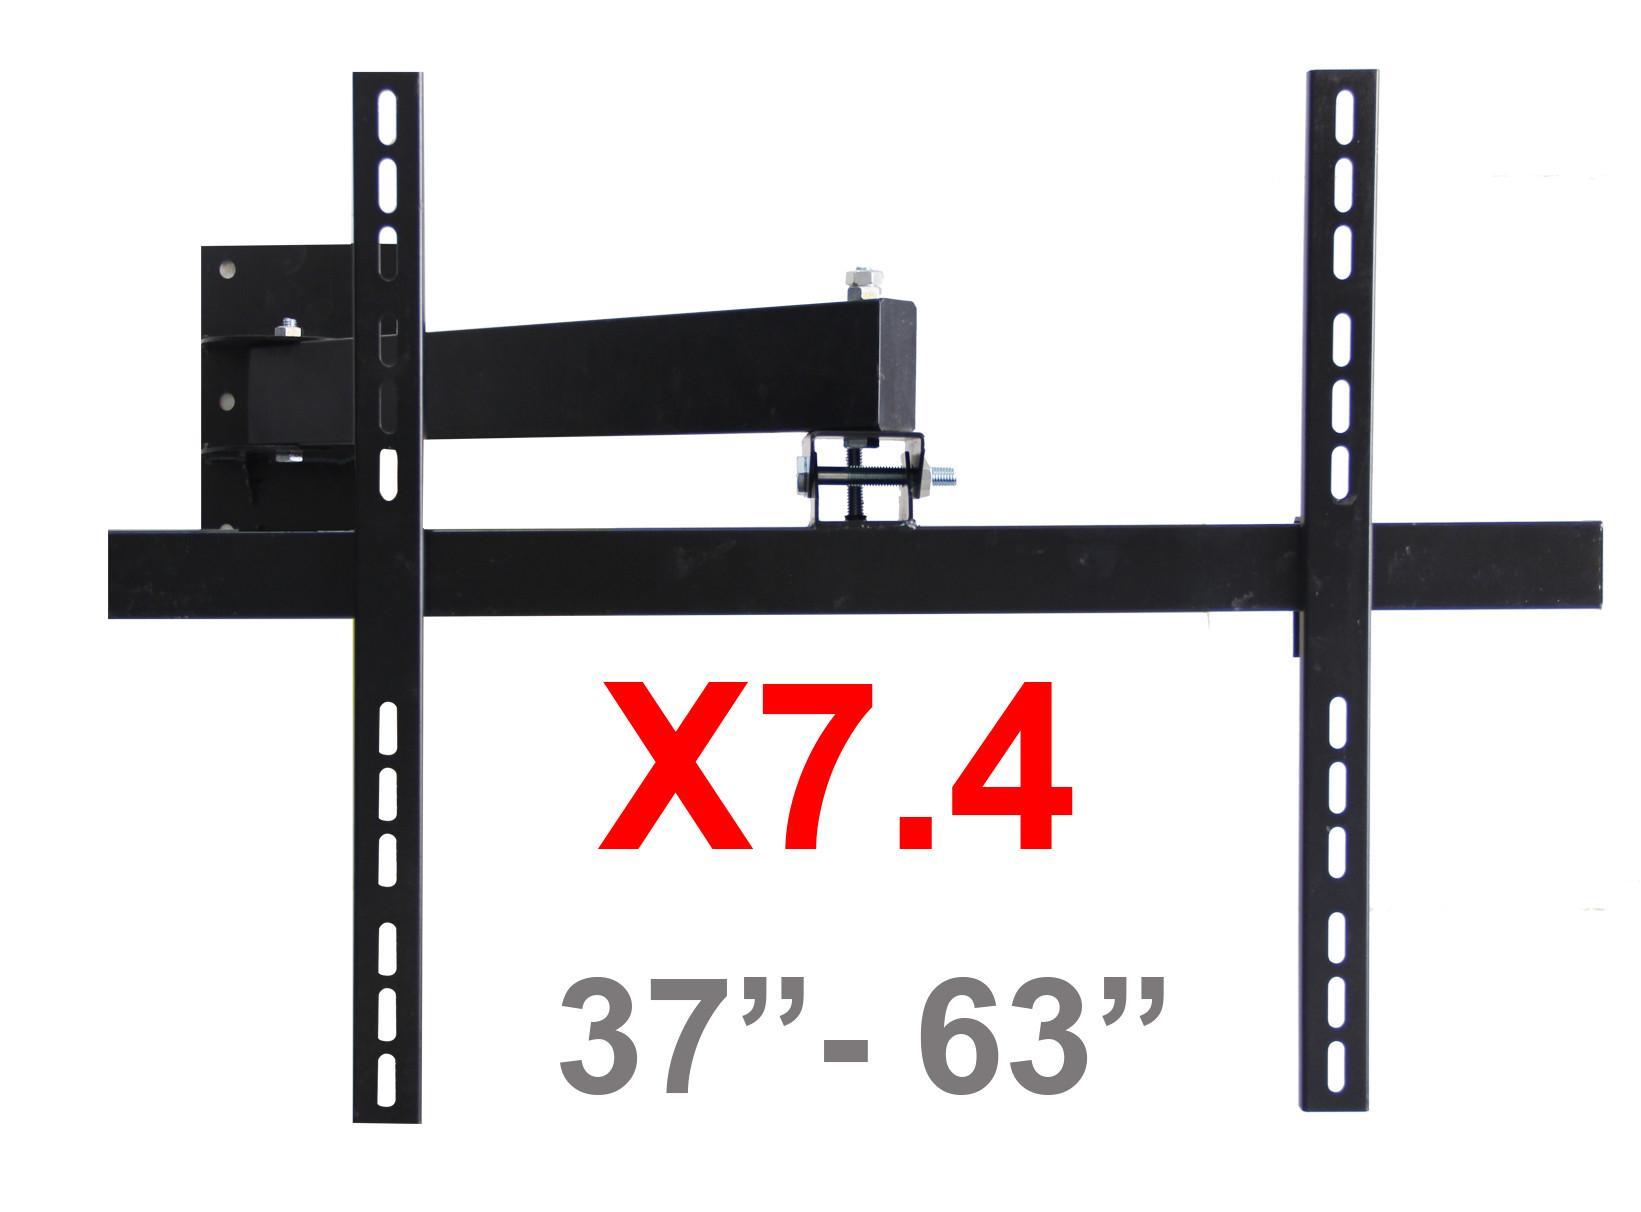 Hình ảnh Khung treo Tivi LCD - LED – Plasma Xoay cao cấp 37 - 63 inch X7.3 (Đen) - Huy Tưởng ( Có Clip hướng dẫn lắp đặt )